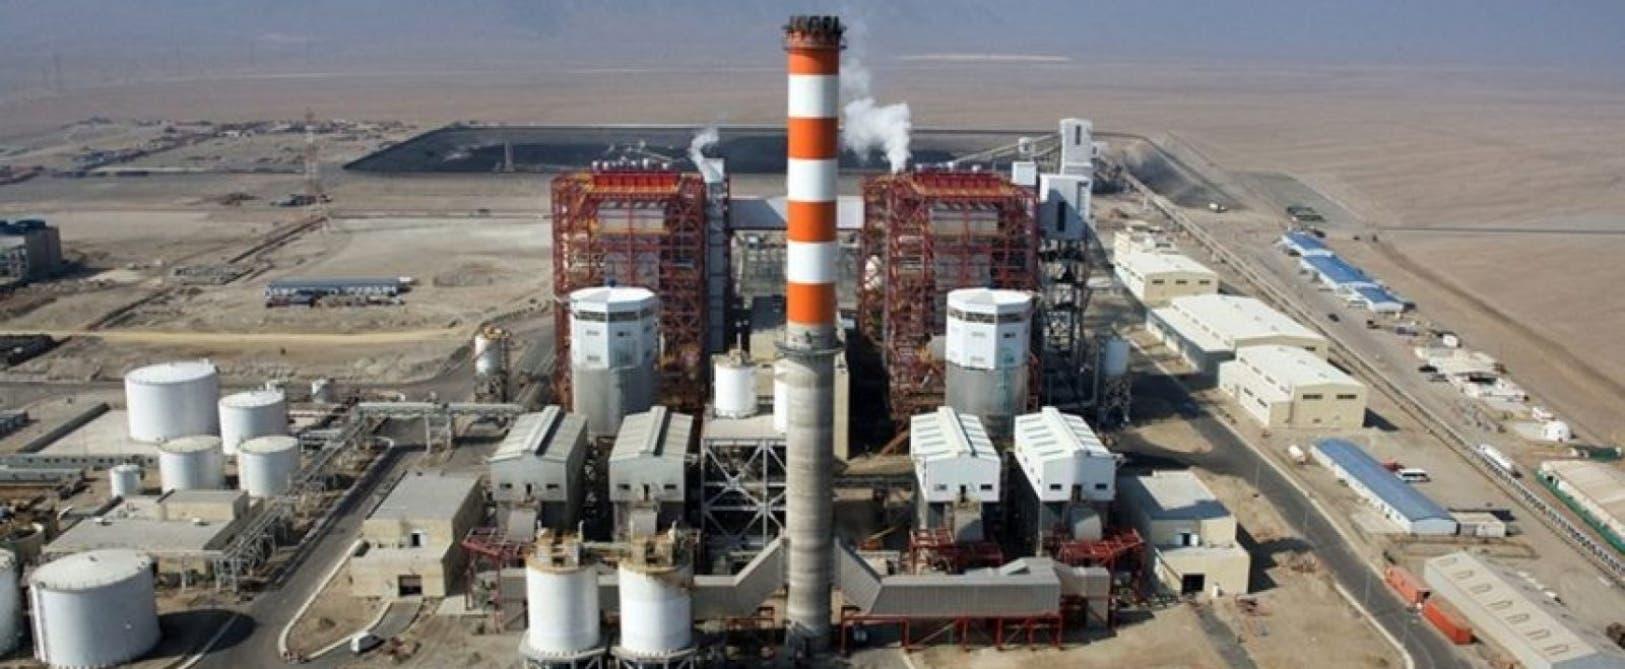 La central termoeléctrica de Punta Cantalina comenzó a construirse en el 2014 y debía conluir el año próximo. ARCHIVO